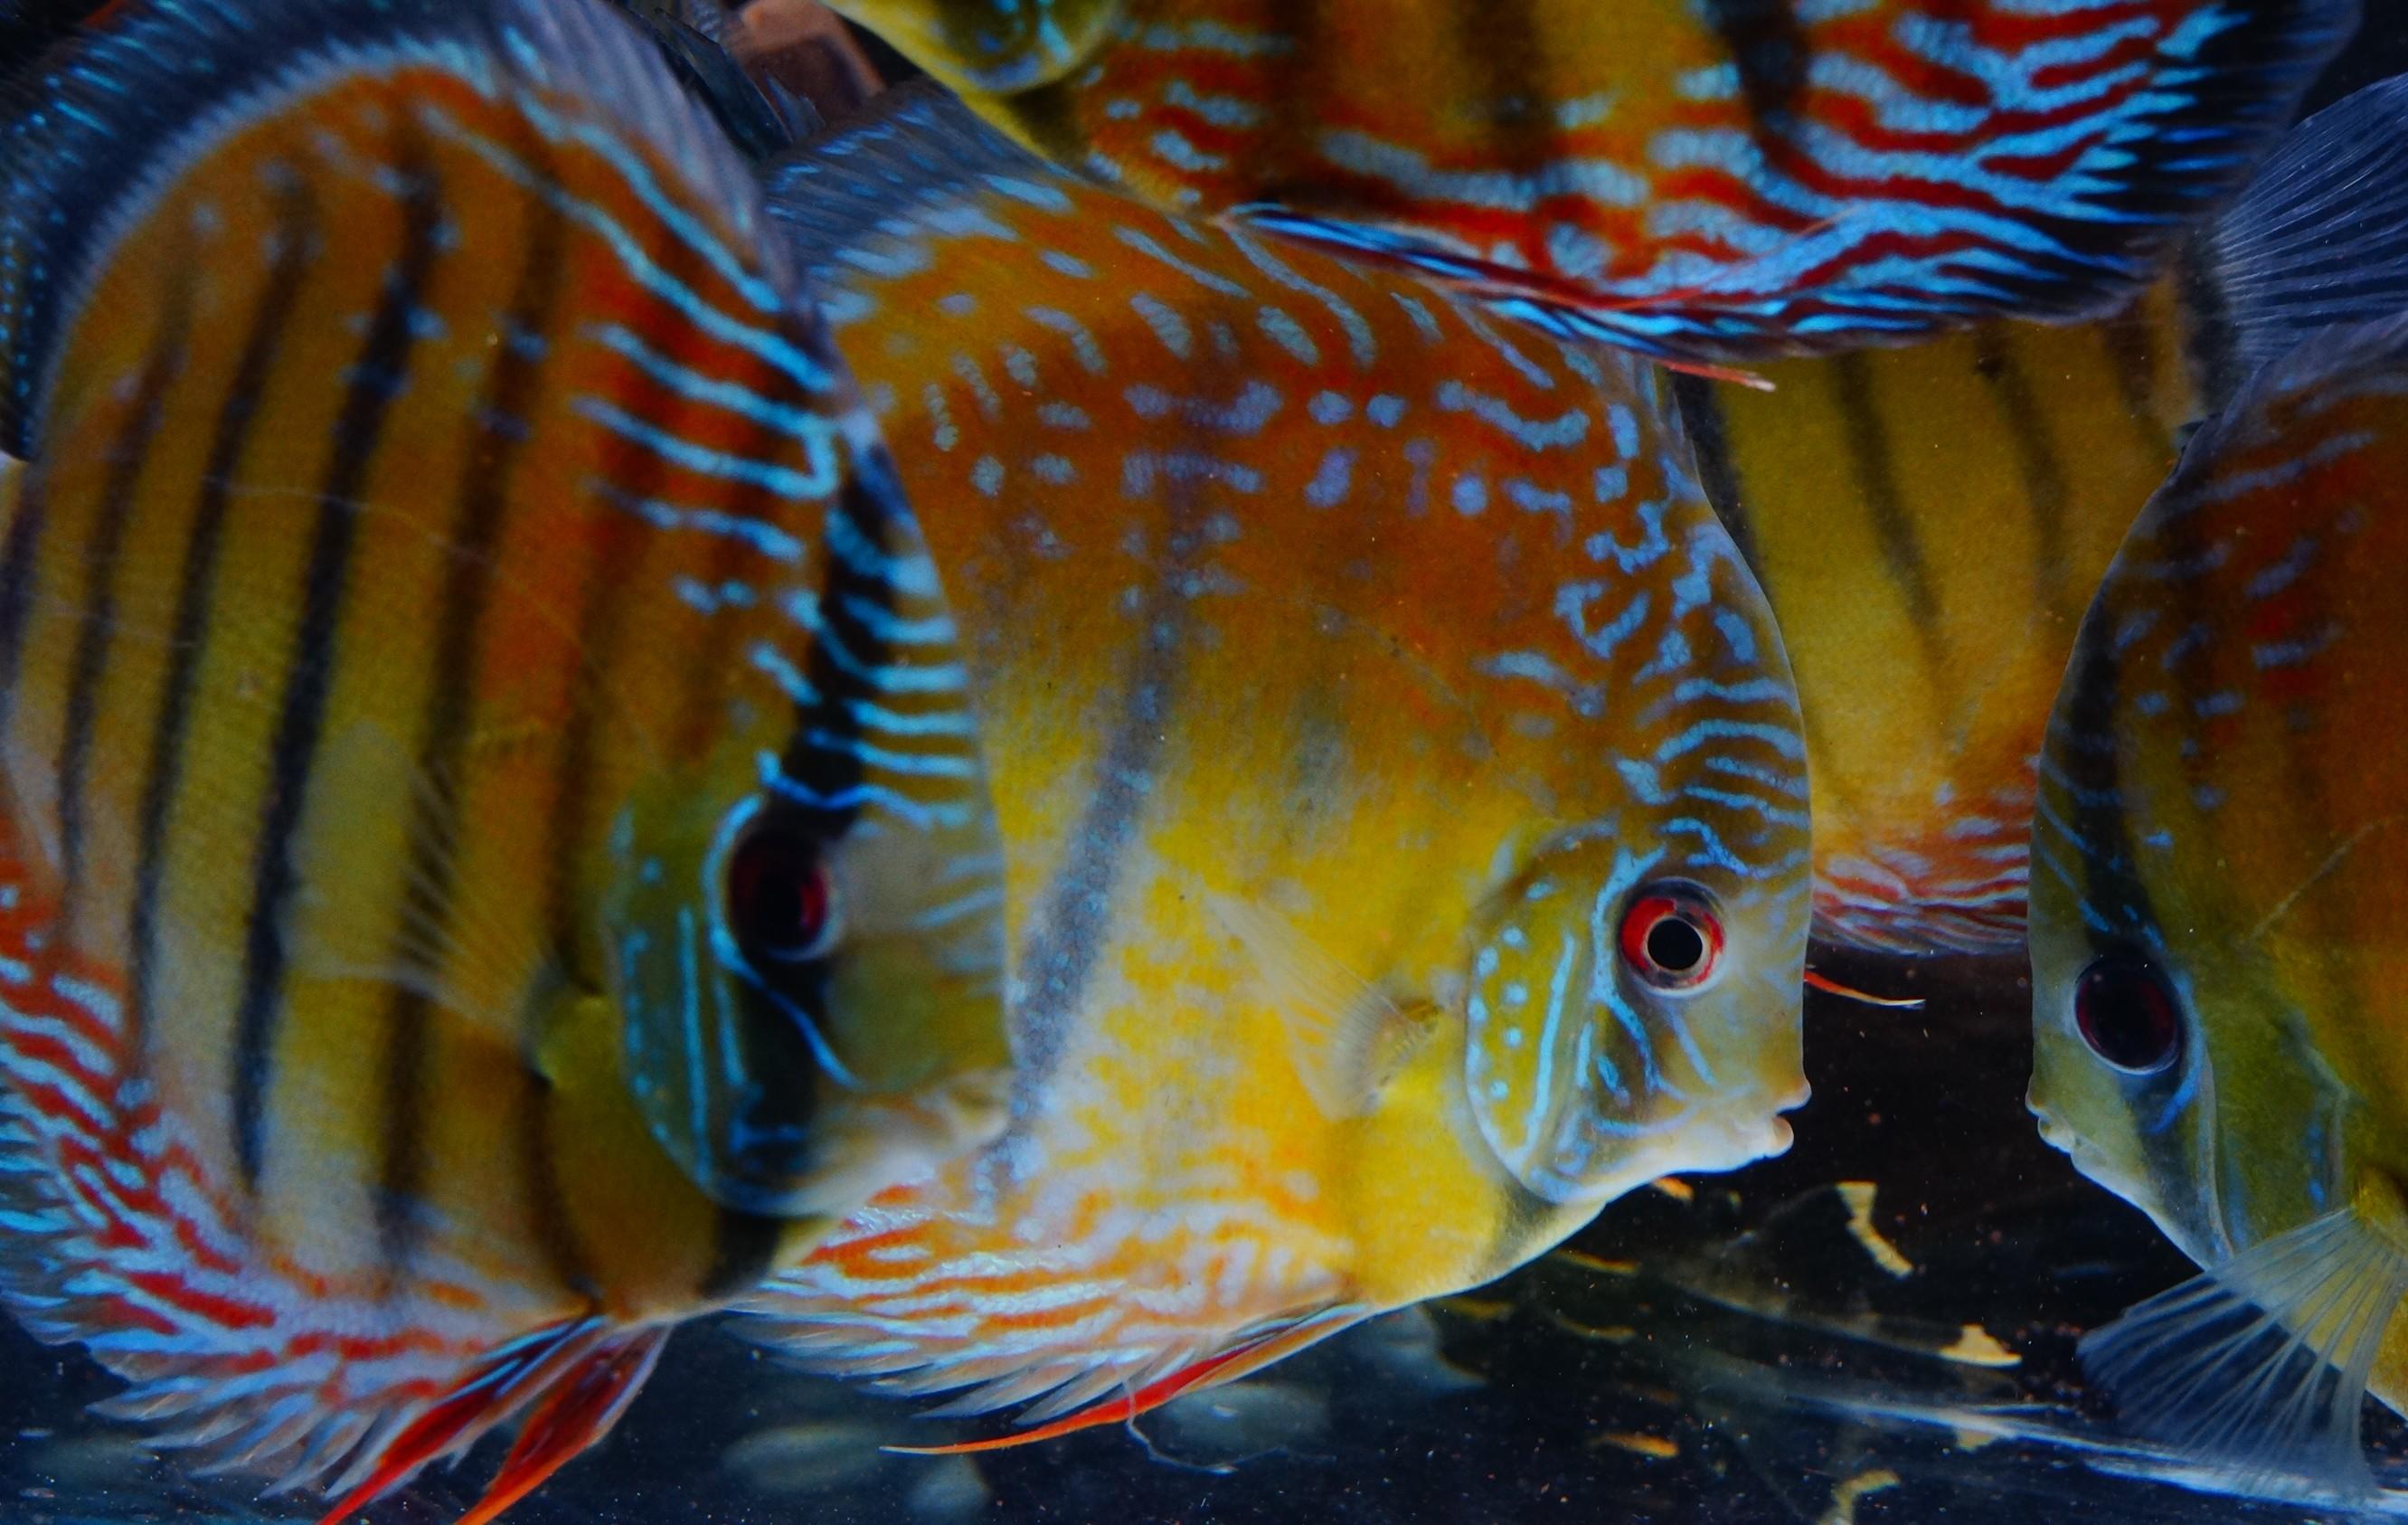 عکس با کیفیت از ماهی دیسکاس